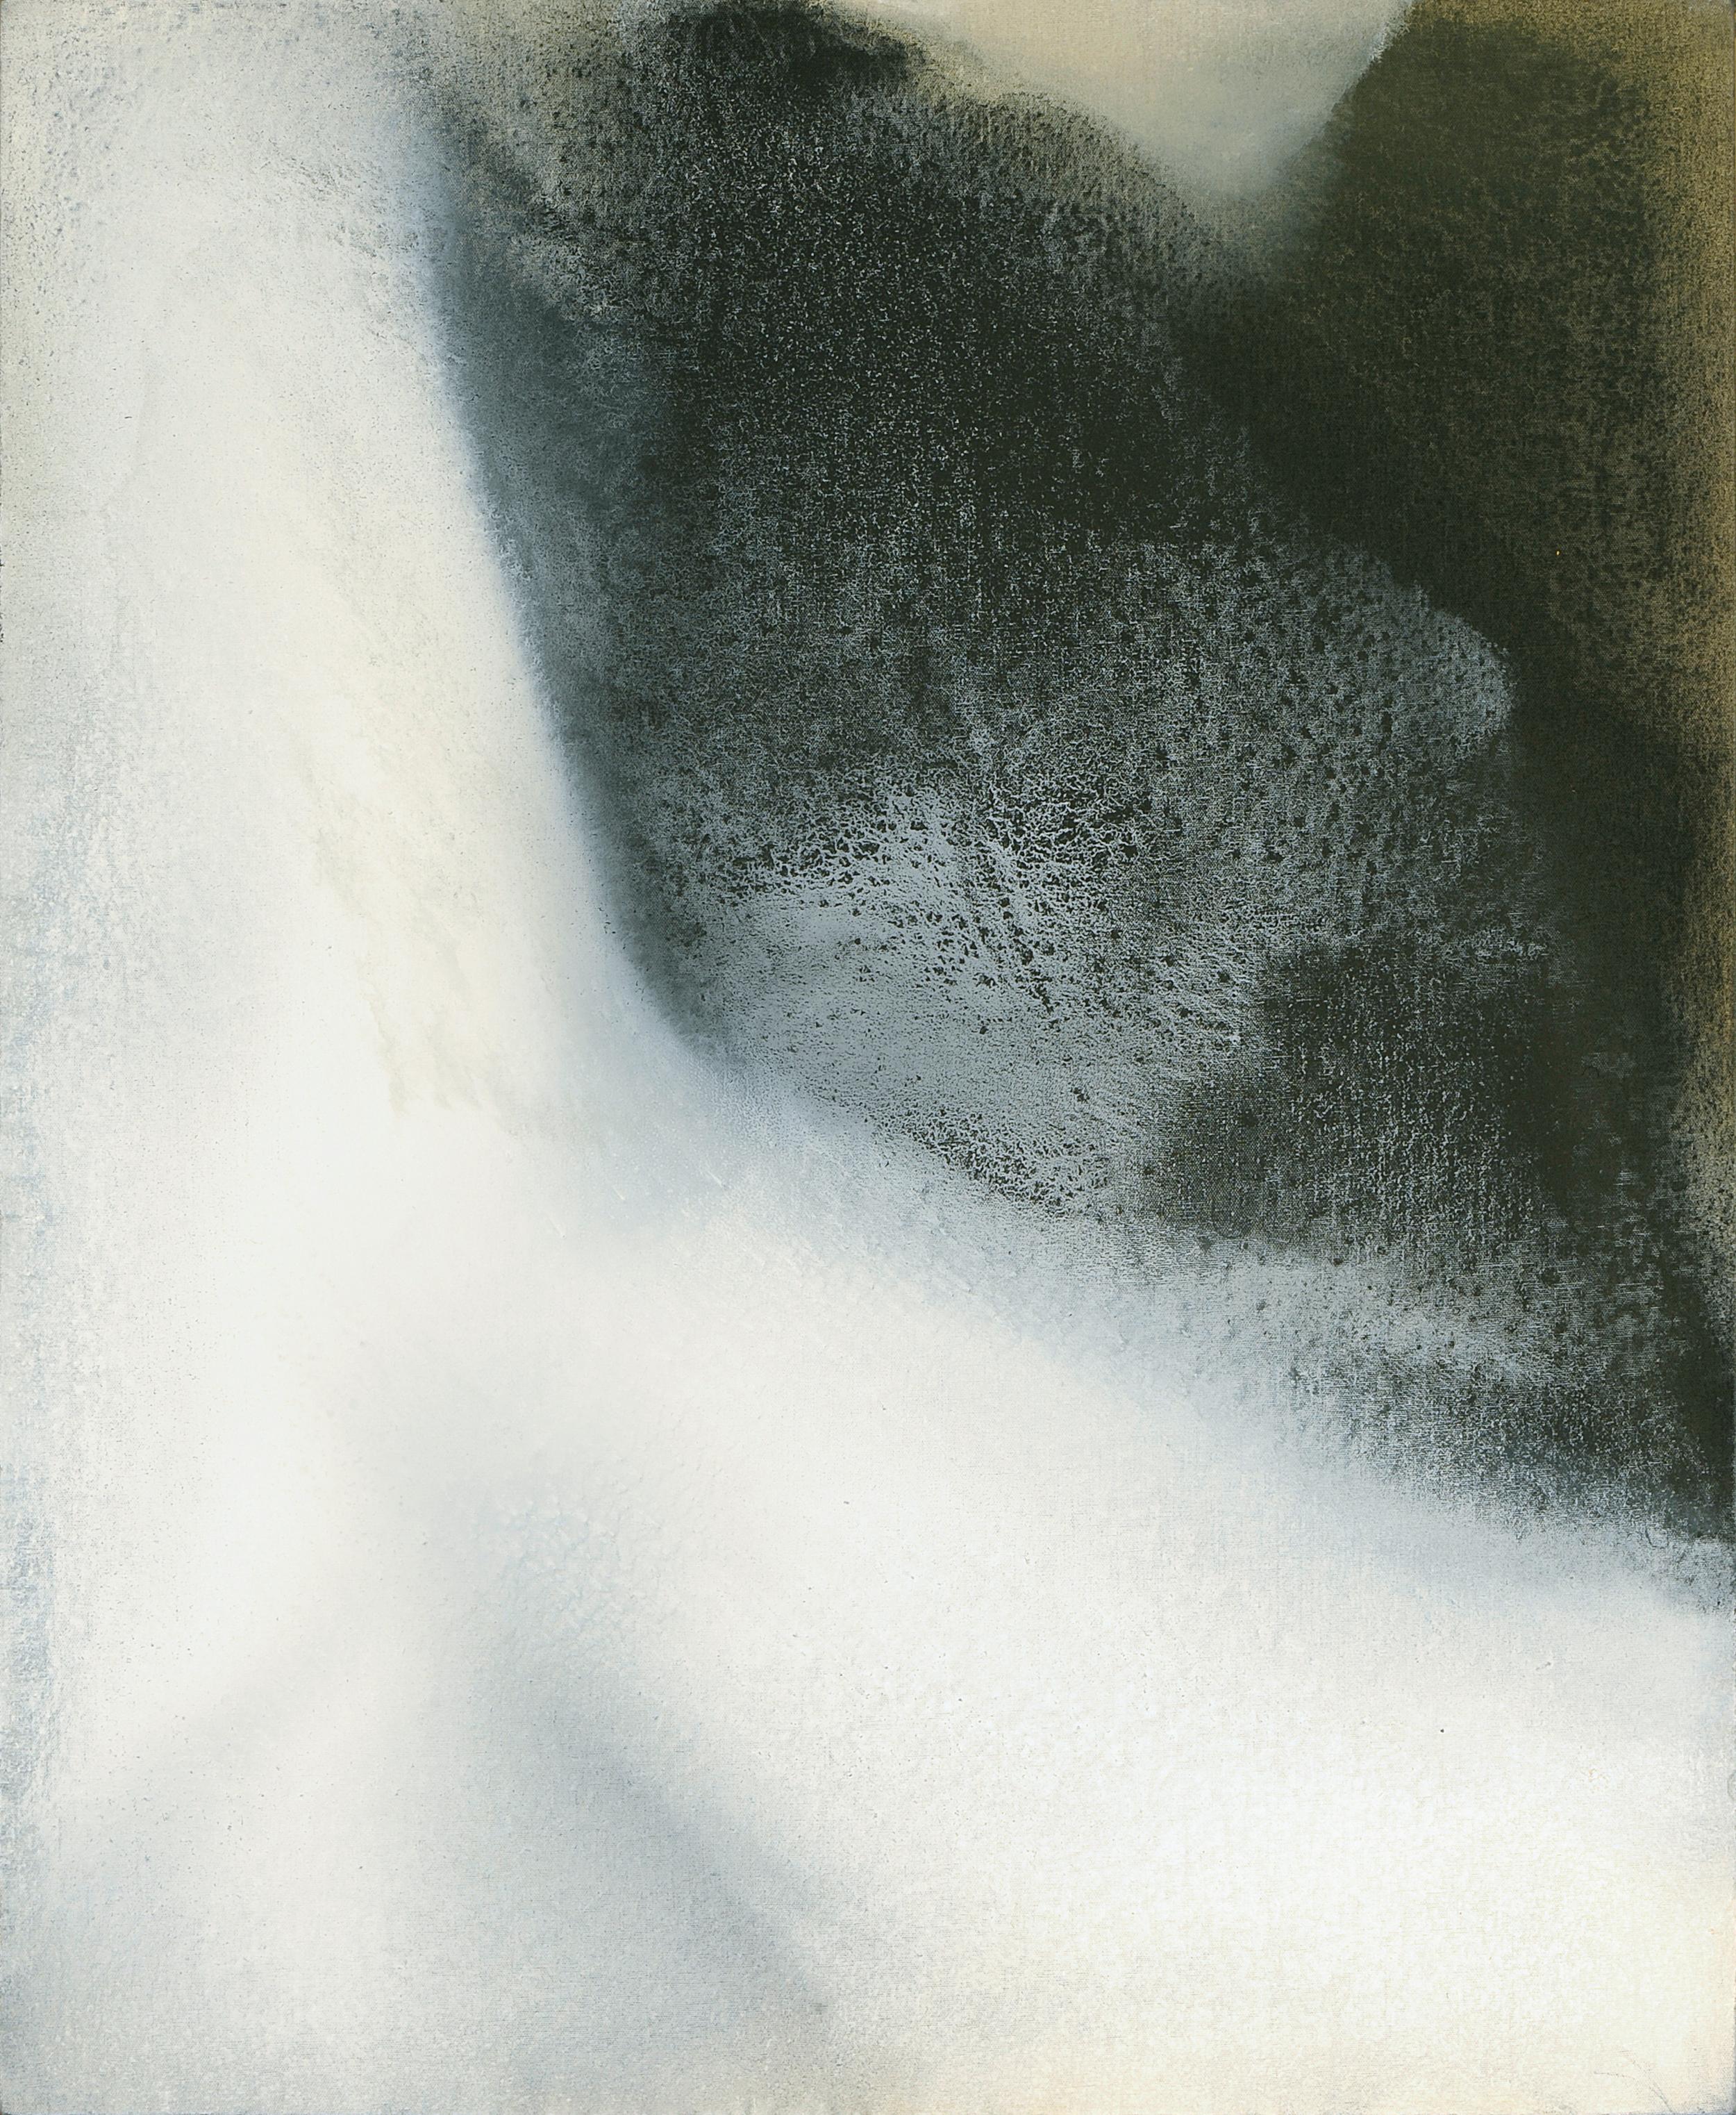 """22 giugno, 2010, dalla serie """"L'immagine accolta"""", olio su tela, cm 110 x 90  22 giugno, 2010, from the series """"L'immagine accolta"""", oil on canvas, cm 110 x 90"""